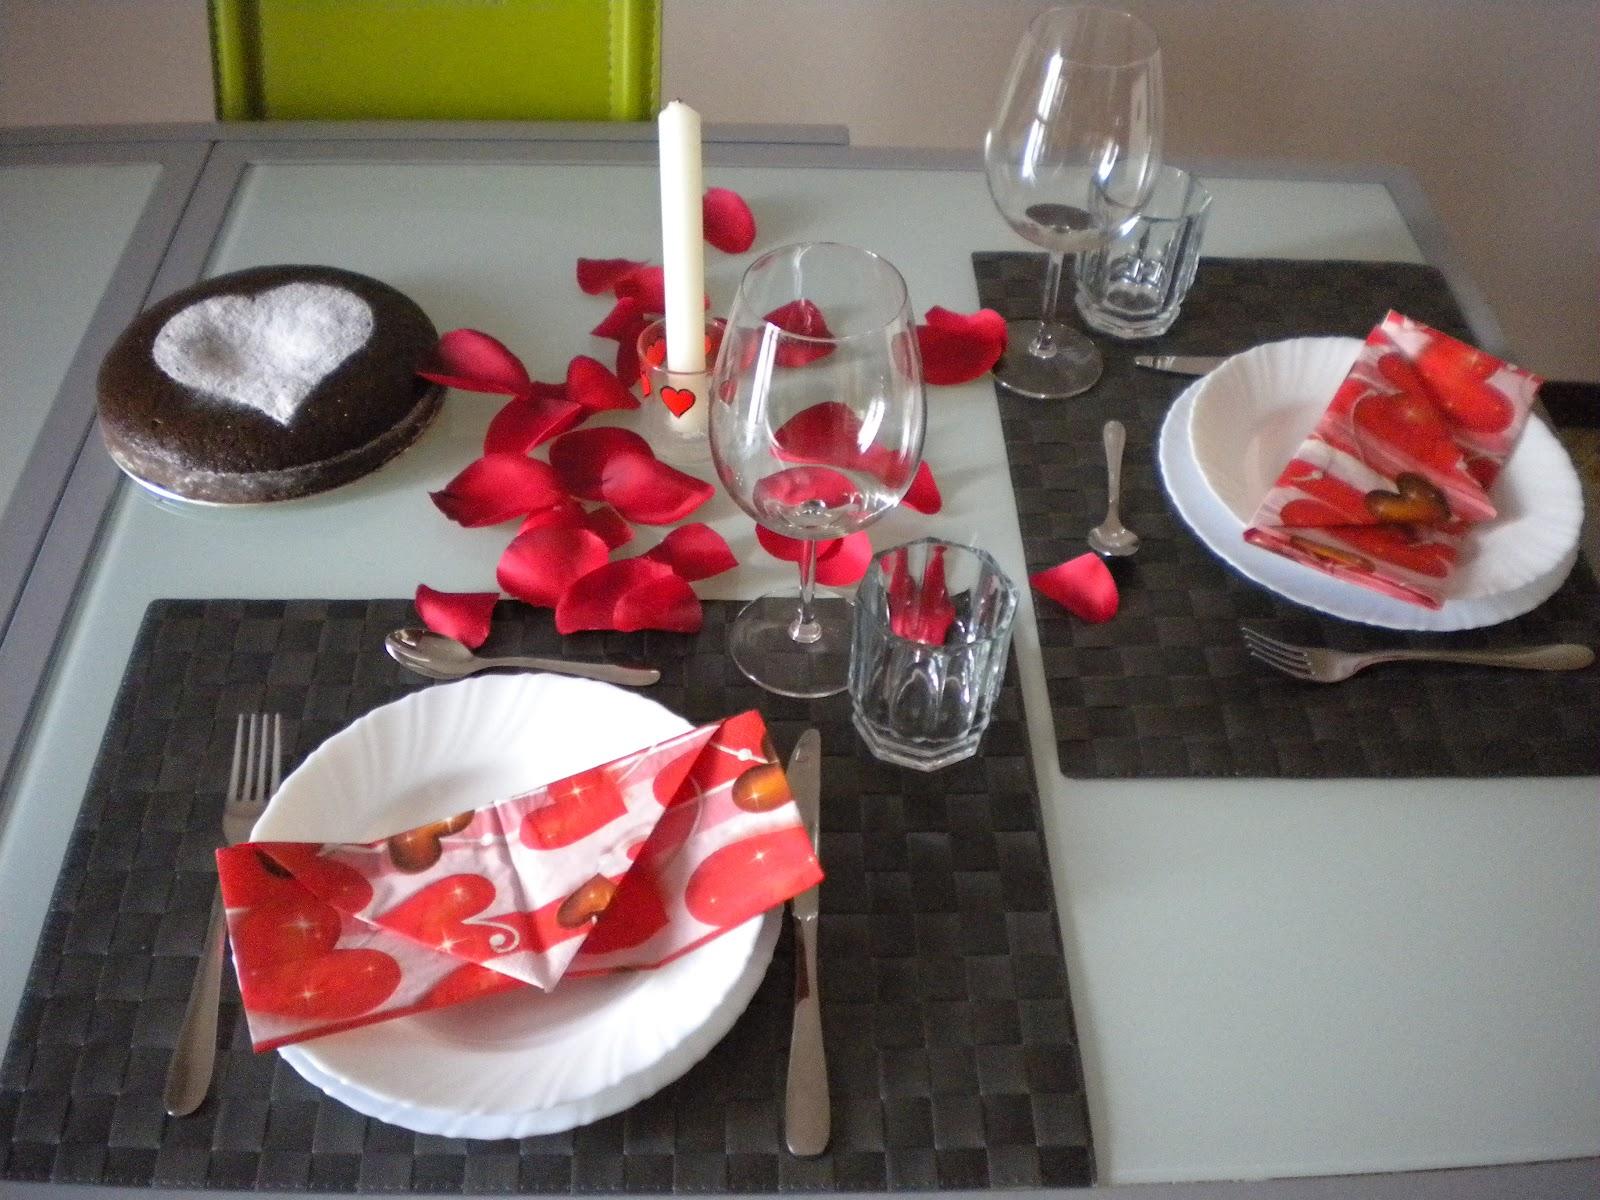 Sorprese per lui romantiche tx12 regardsdefemmes - San valentino idee romantiche ...